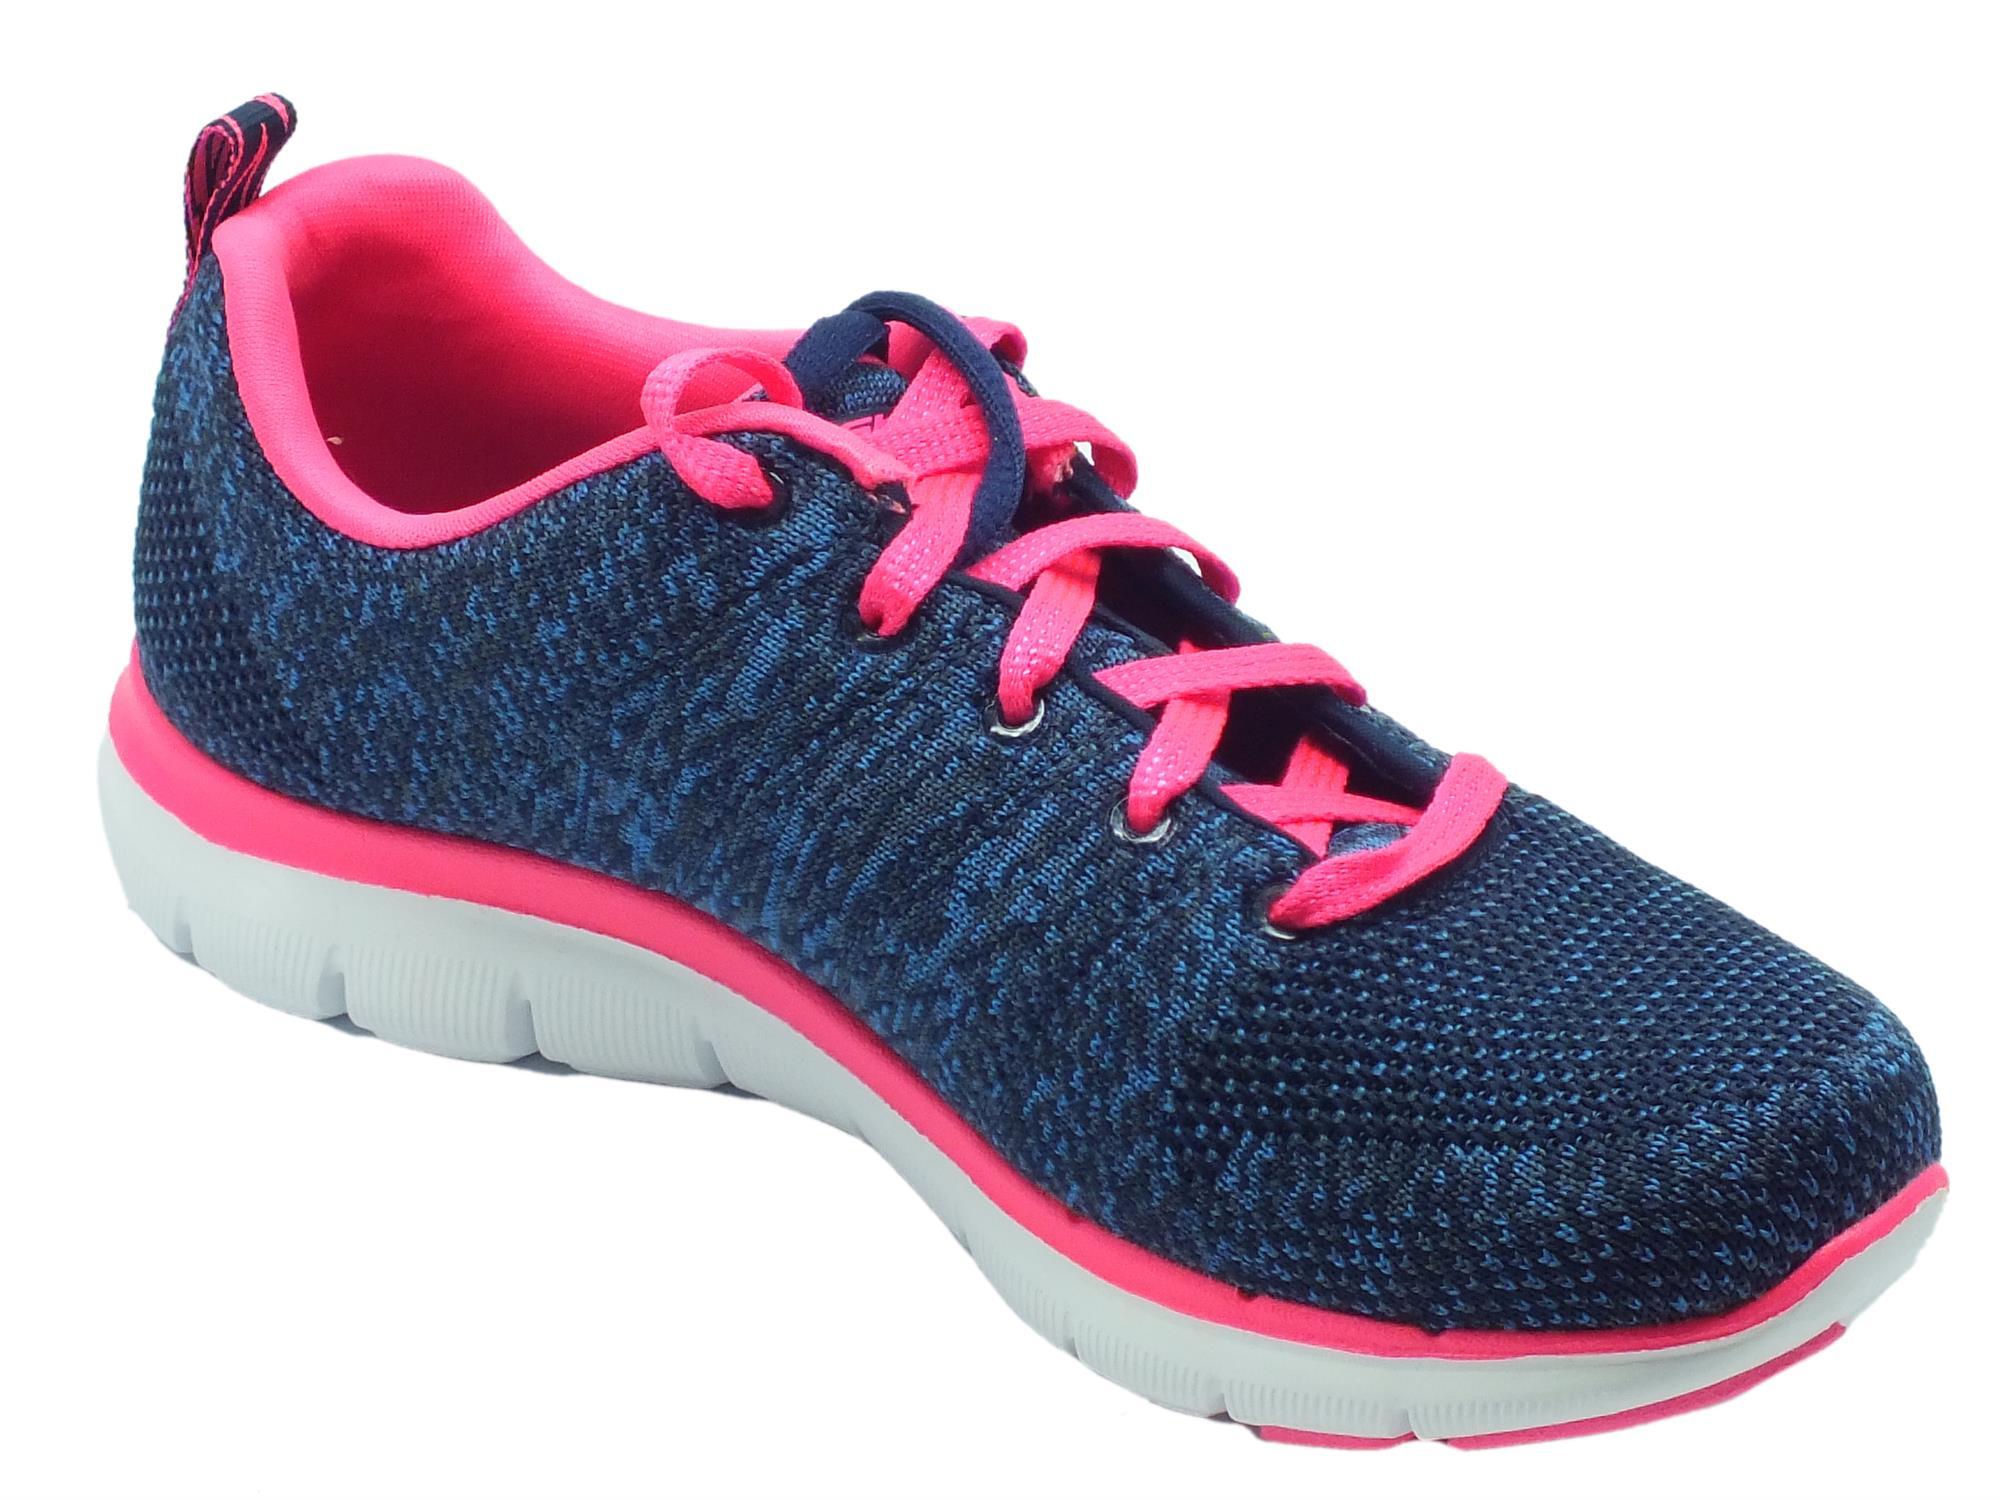 7a94a5c3f256 ... Scarpe sportive Skechers Flex Appeal per donna in tessuto blu e  dettagli rosa ...